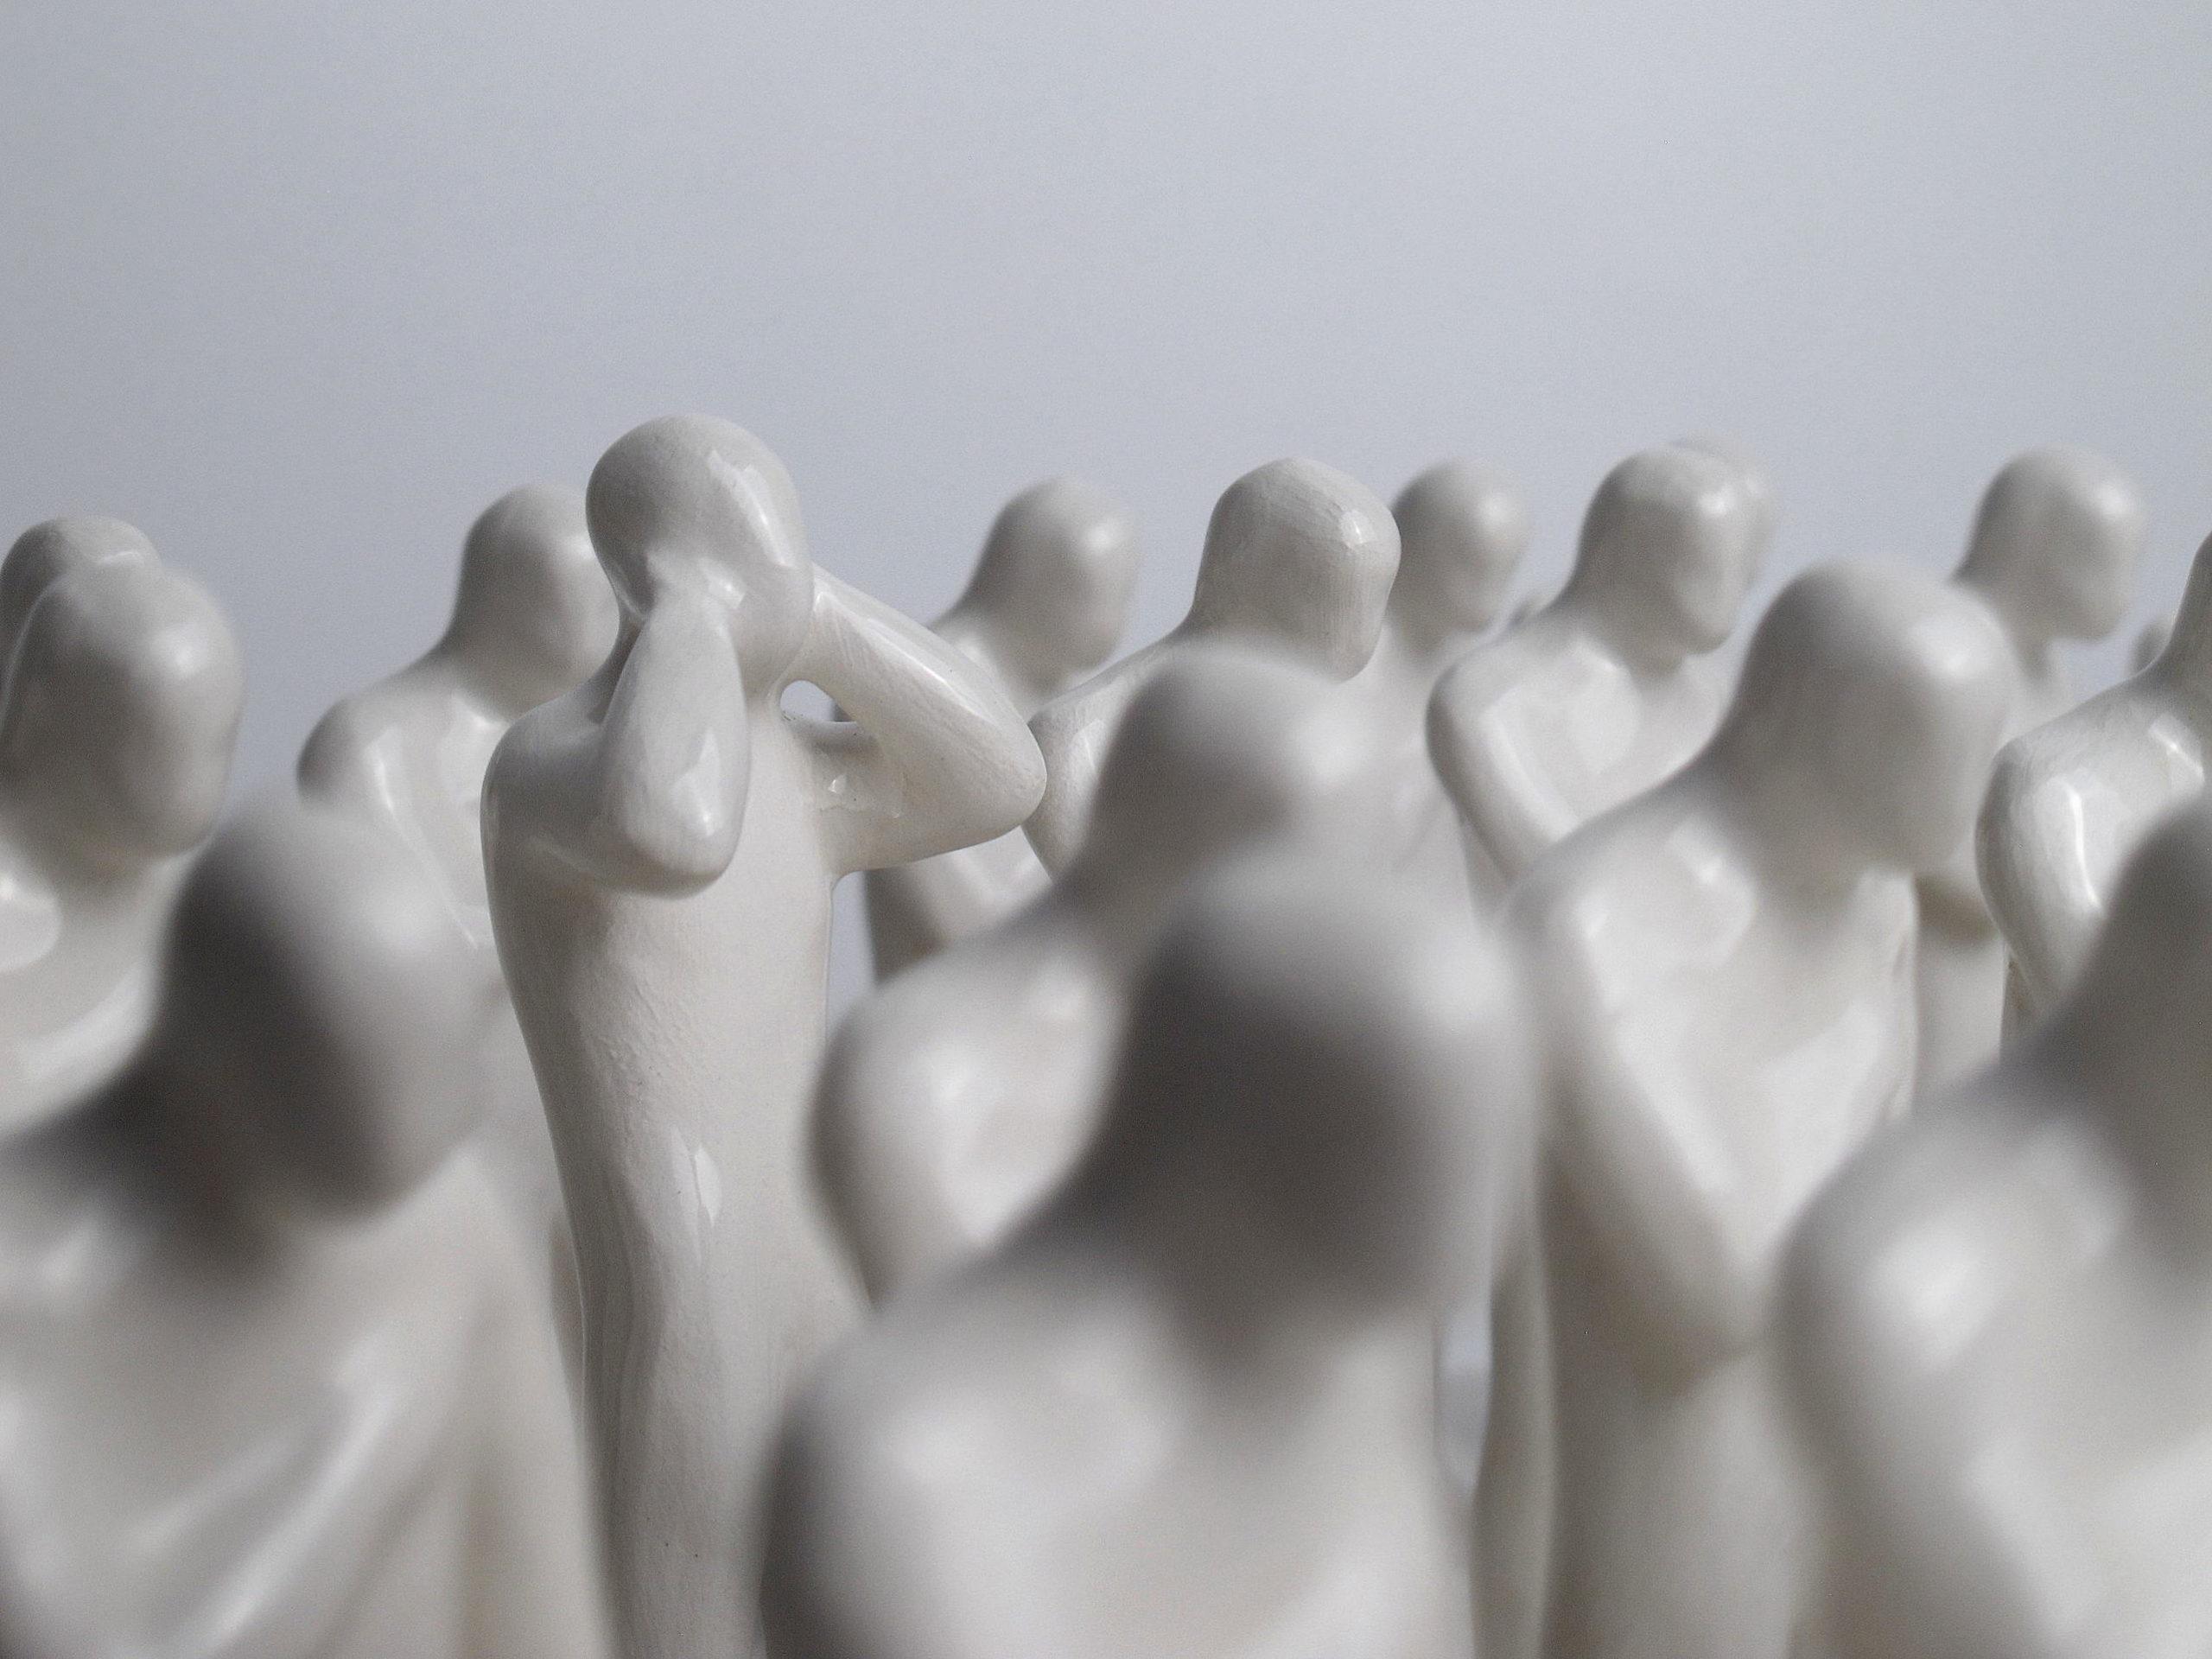 Gabriele Mallegni No listen box, particolare, ceramica bianca, smaltata, 2020